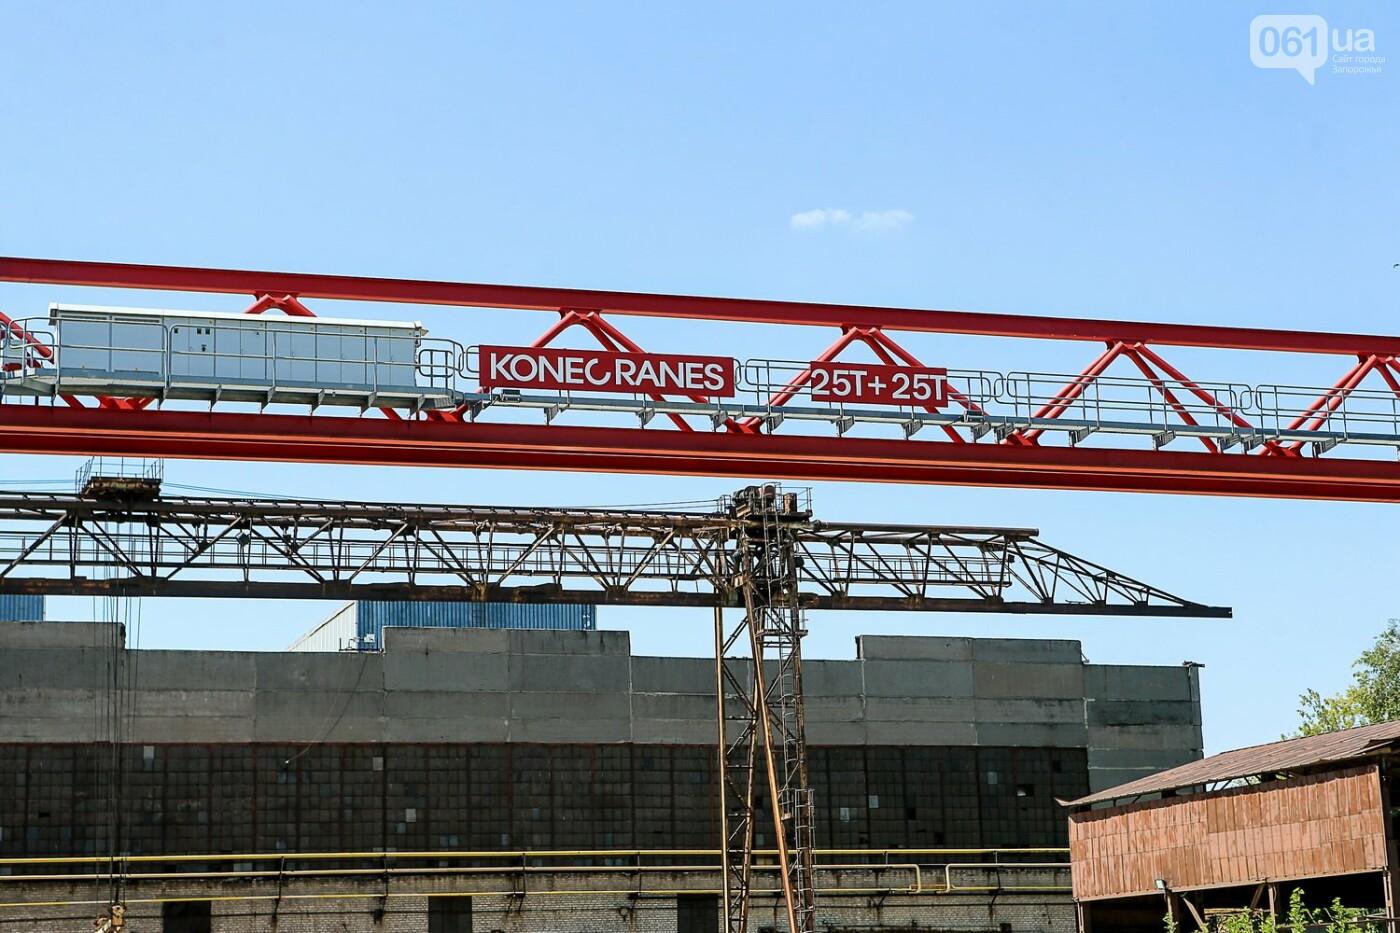 Как в Запорожье работает крупнейший в Европе завод по производству кранов: экскурсия на производство, — ФОТОРЕПОРТАЖ, фото-4